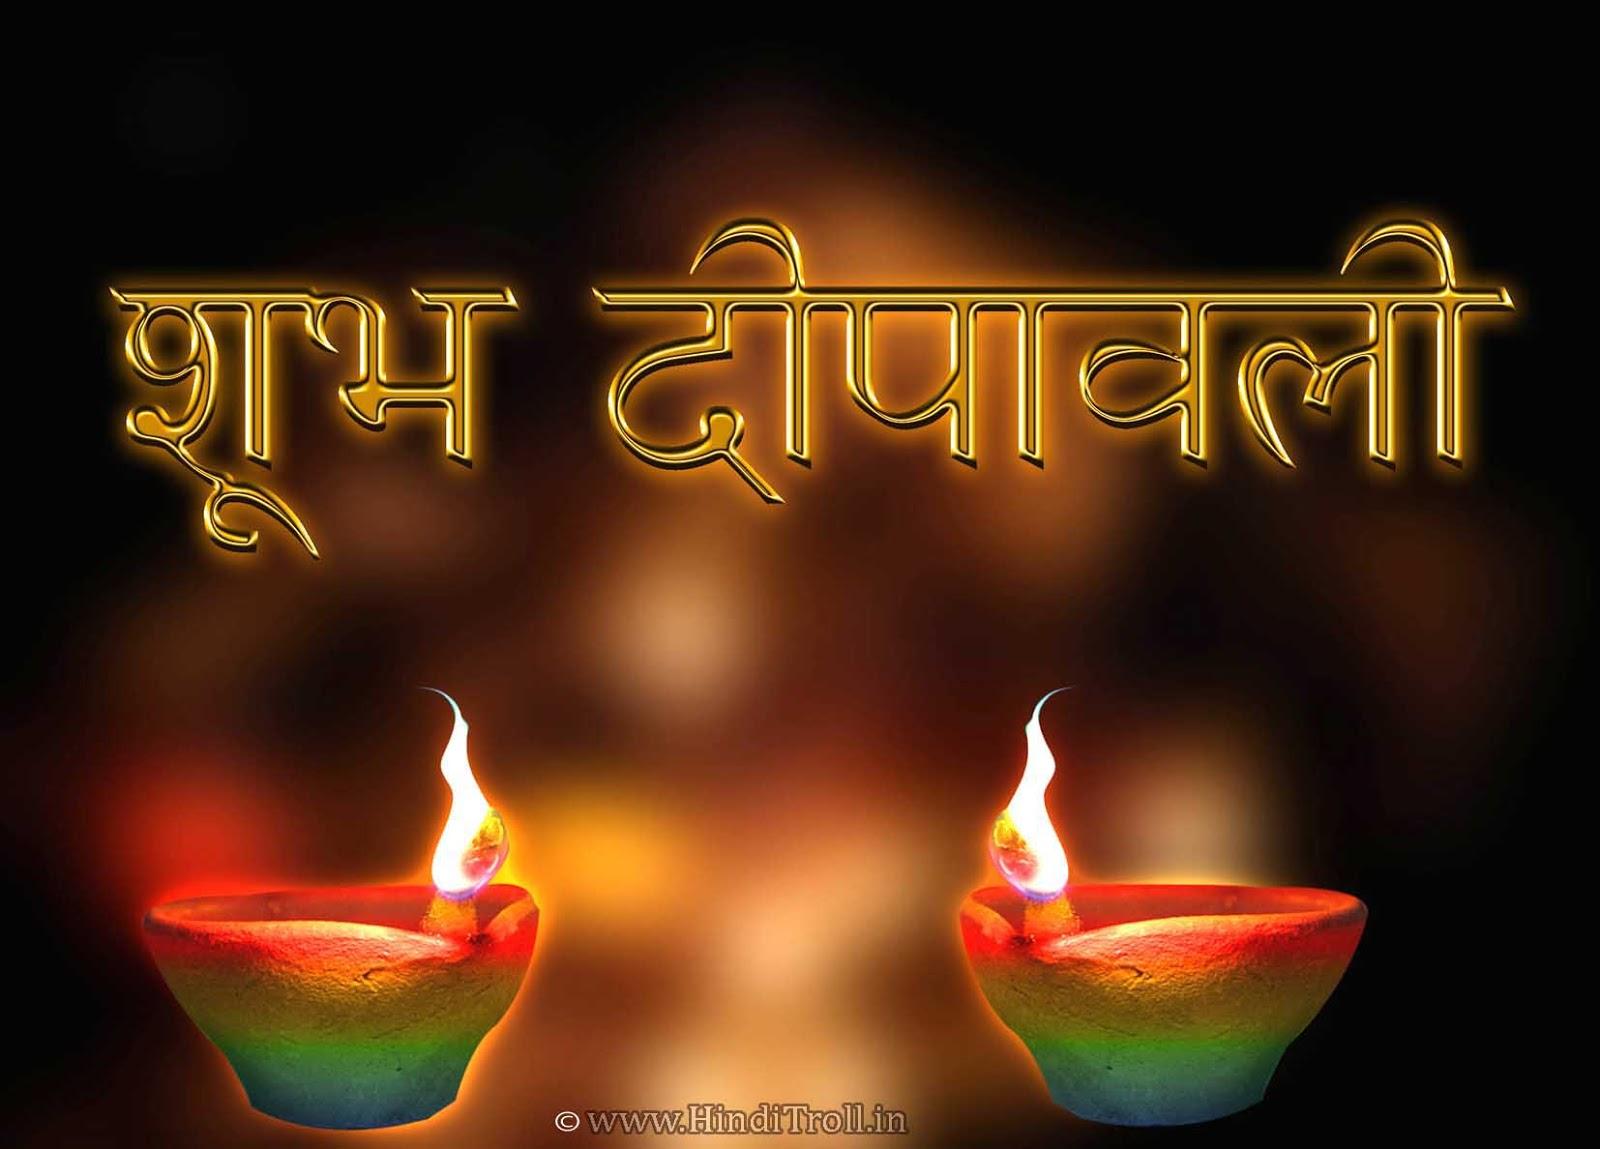 High Quality Diwali Wallpaper: DIWALI(DEEPAWALI) WALLPAPER HD 2012